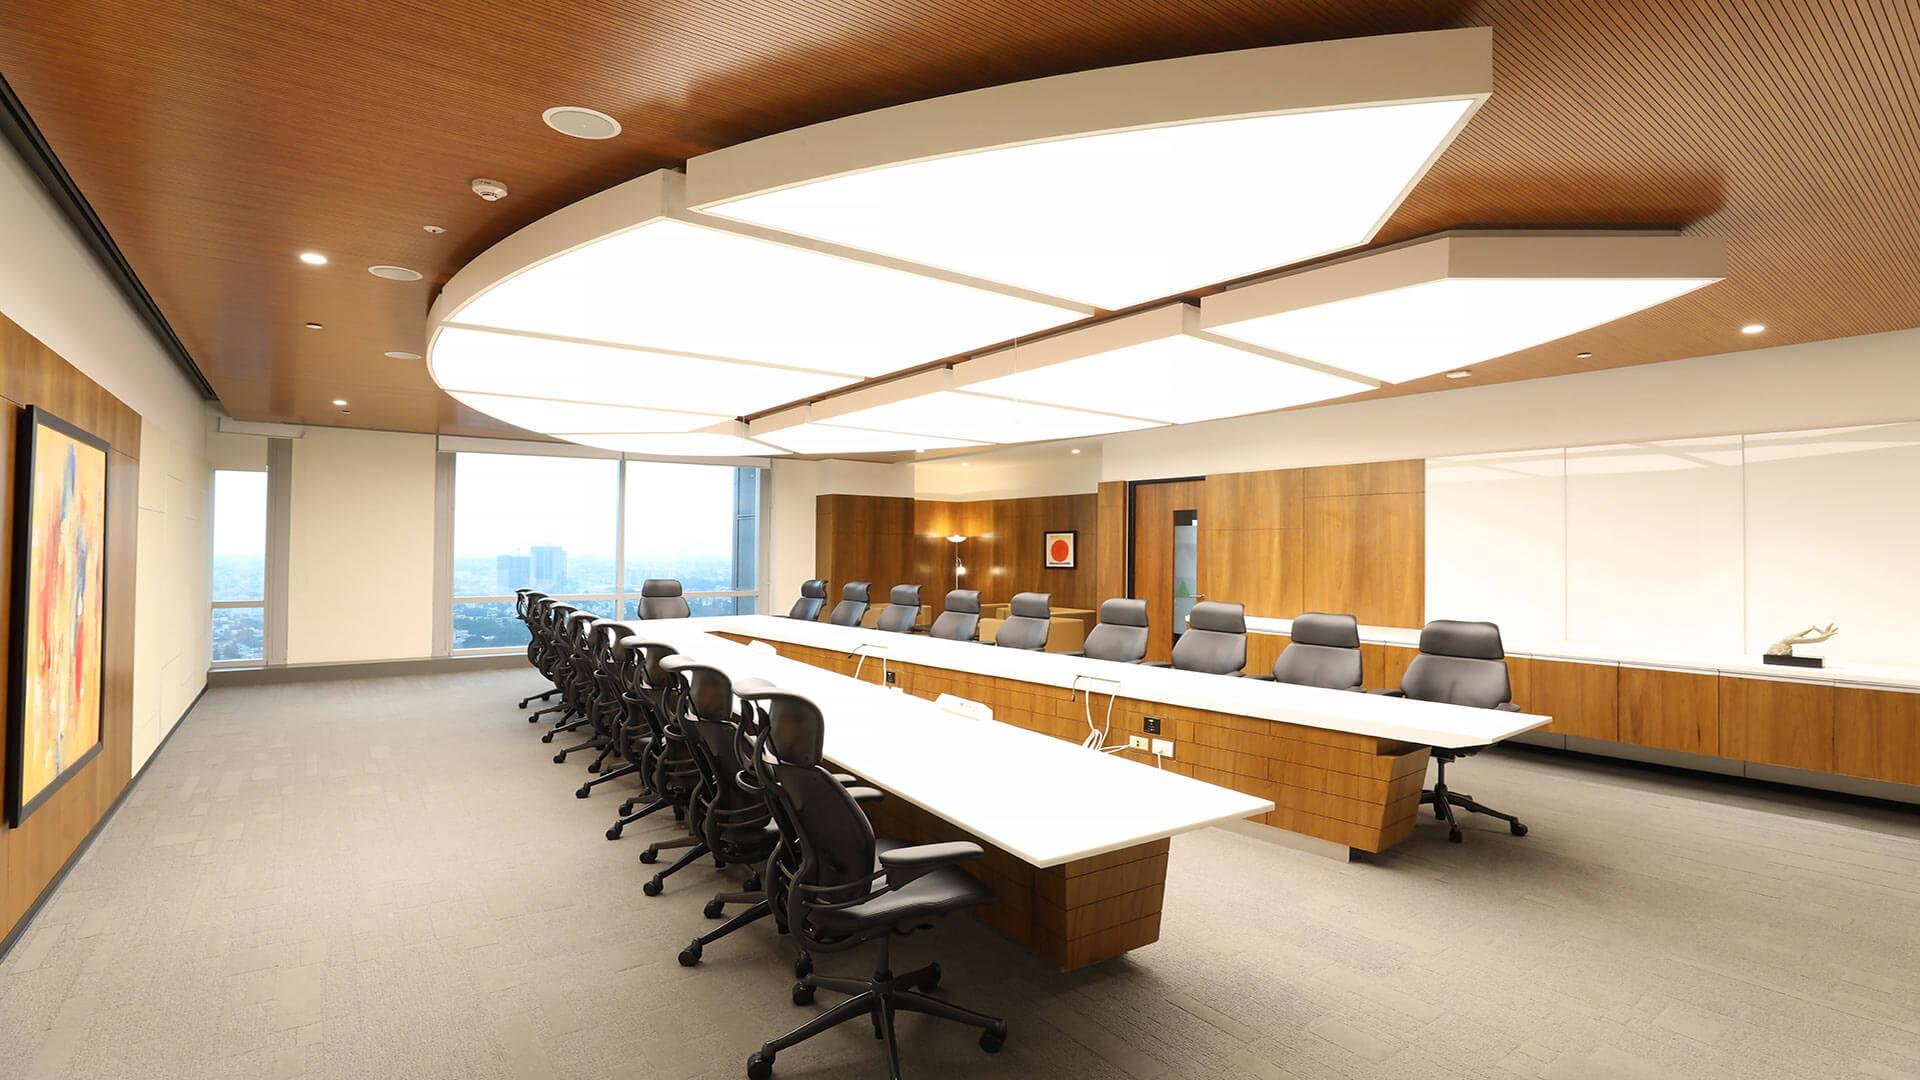 Deloitte_Interiors_06